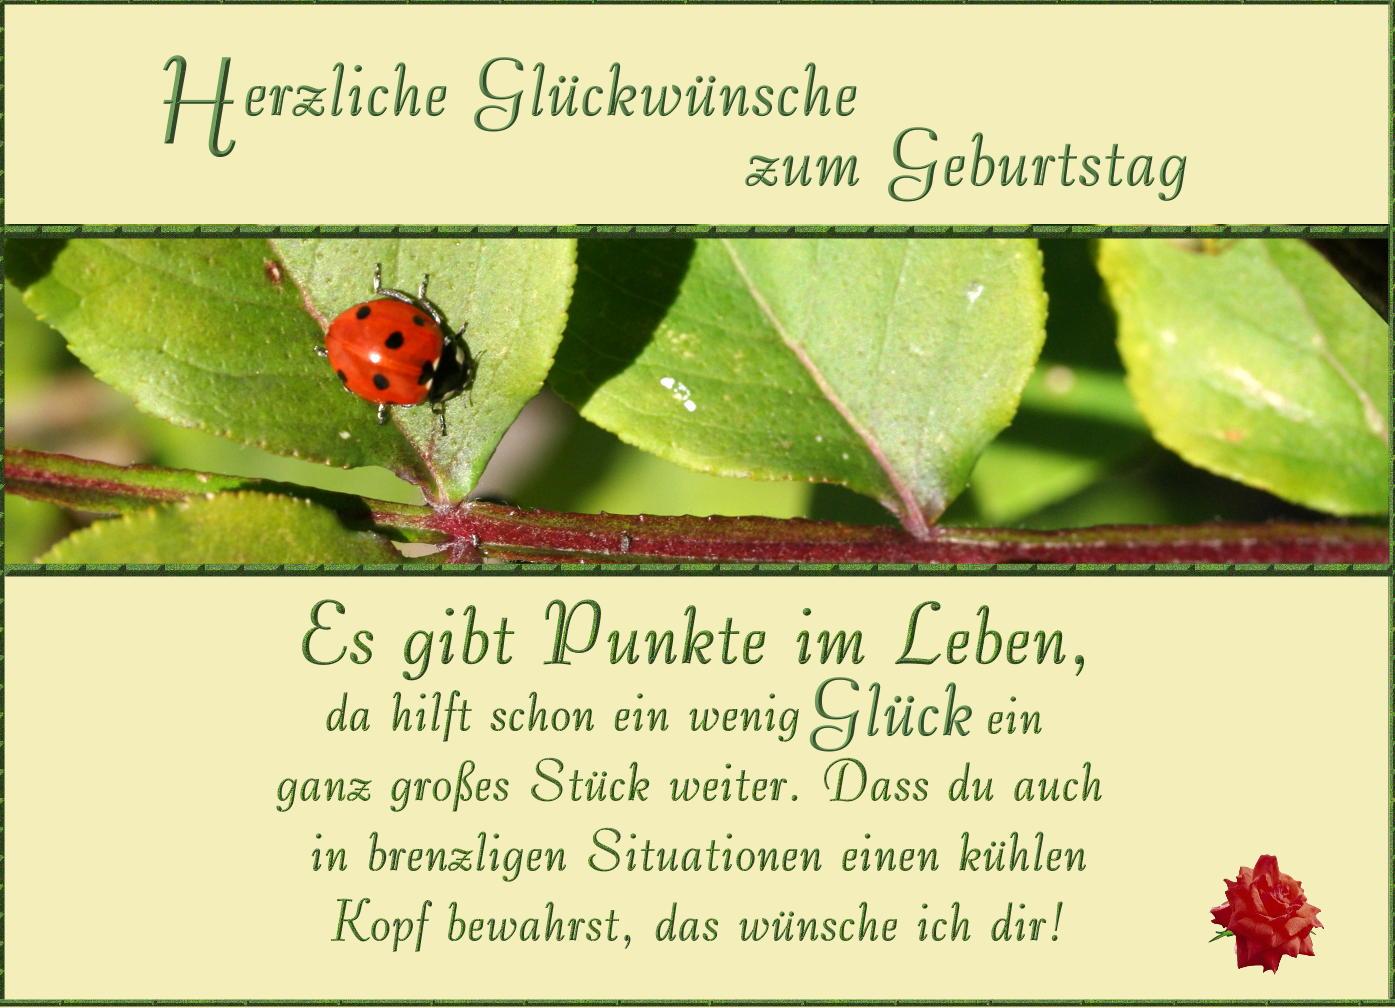 Gluckwunsche.Gluckwunsche Fur Petra Foto Bild Gratulation Und Feiertage